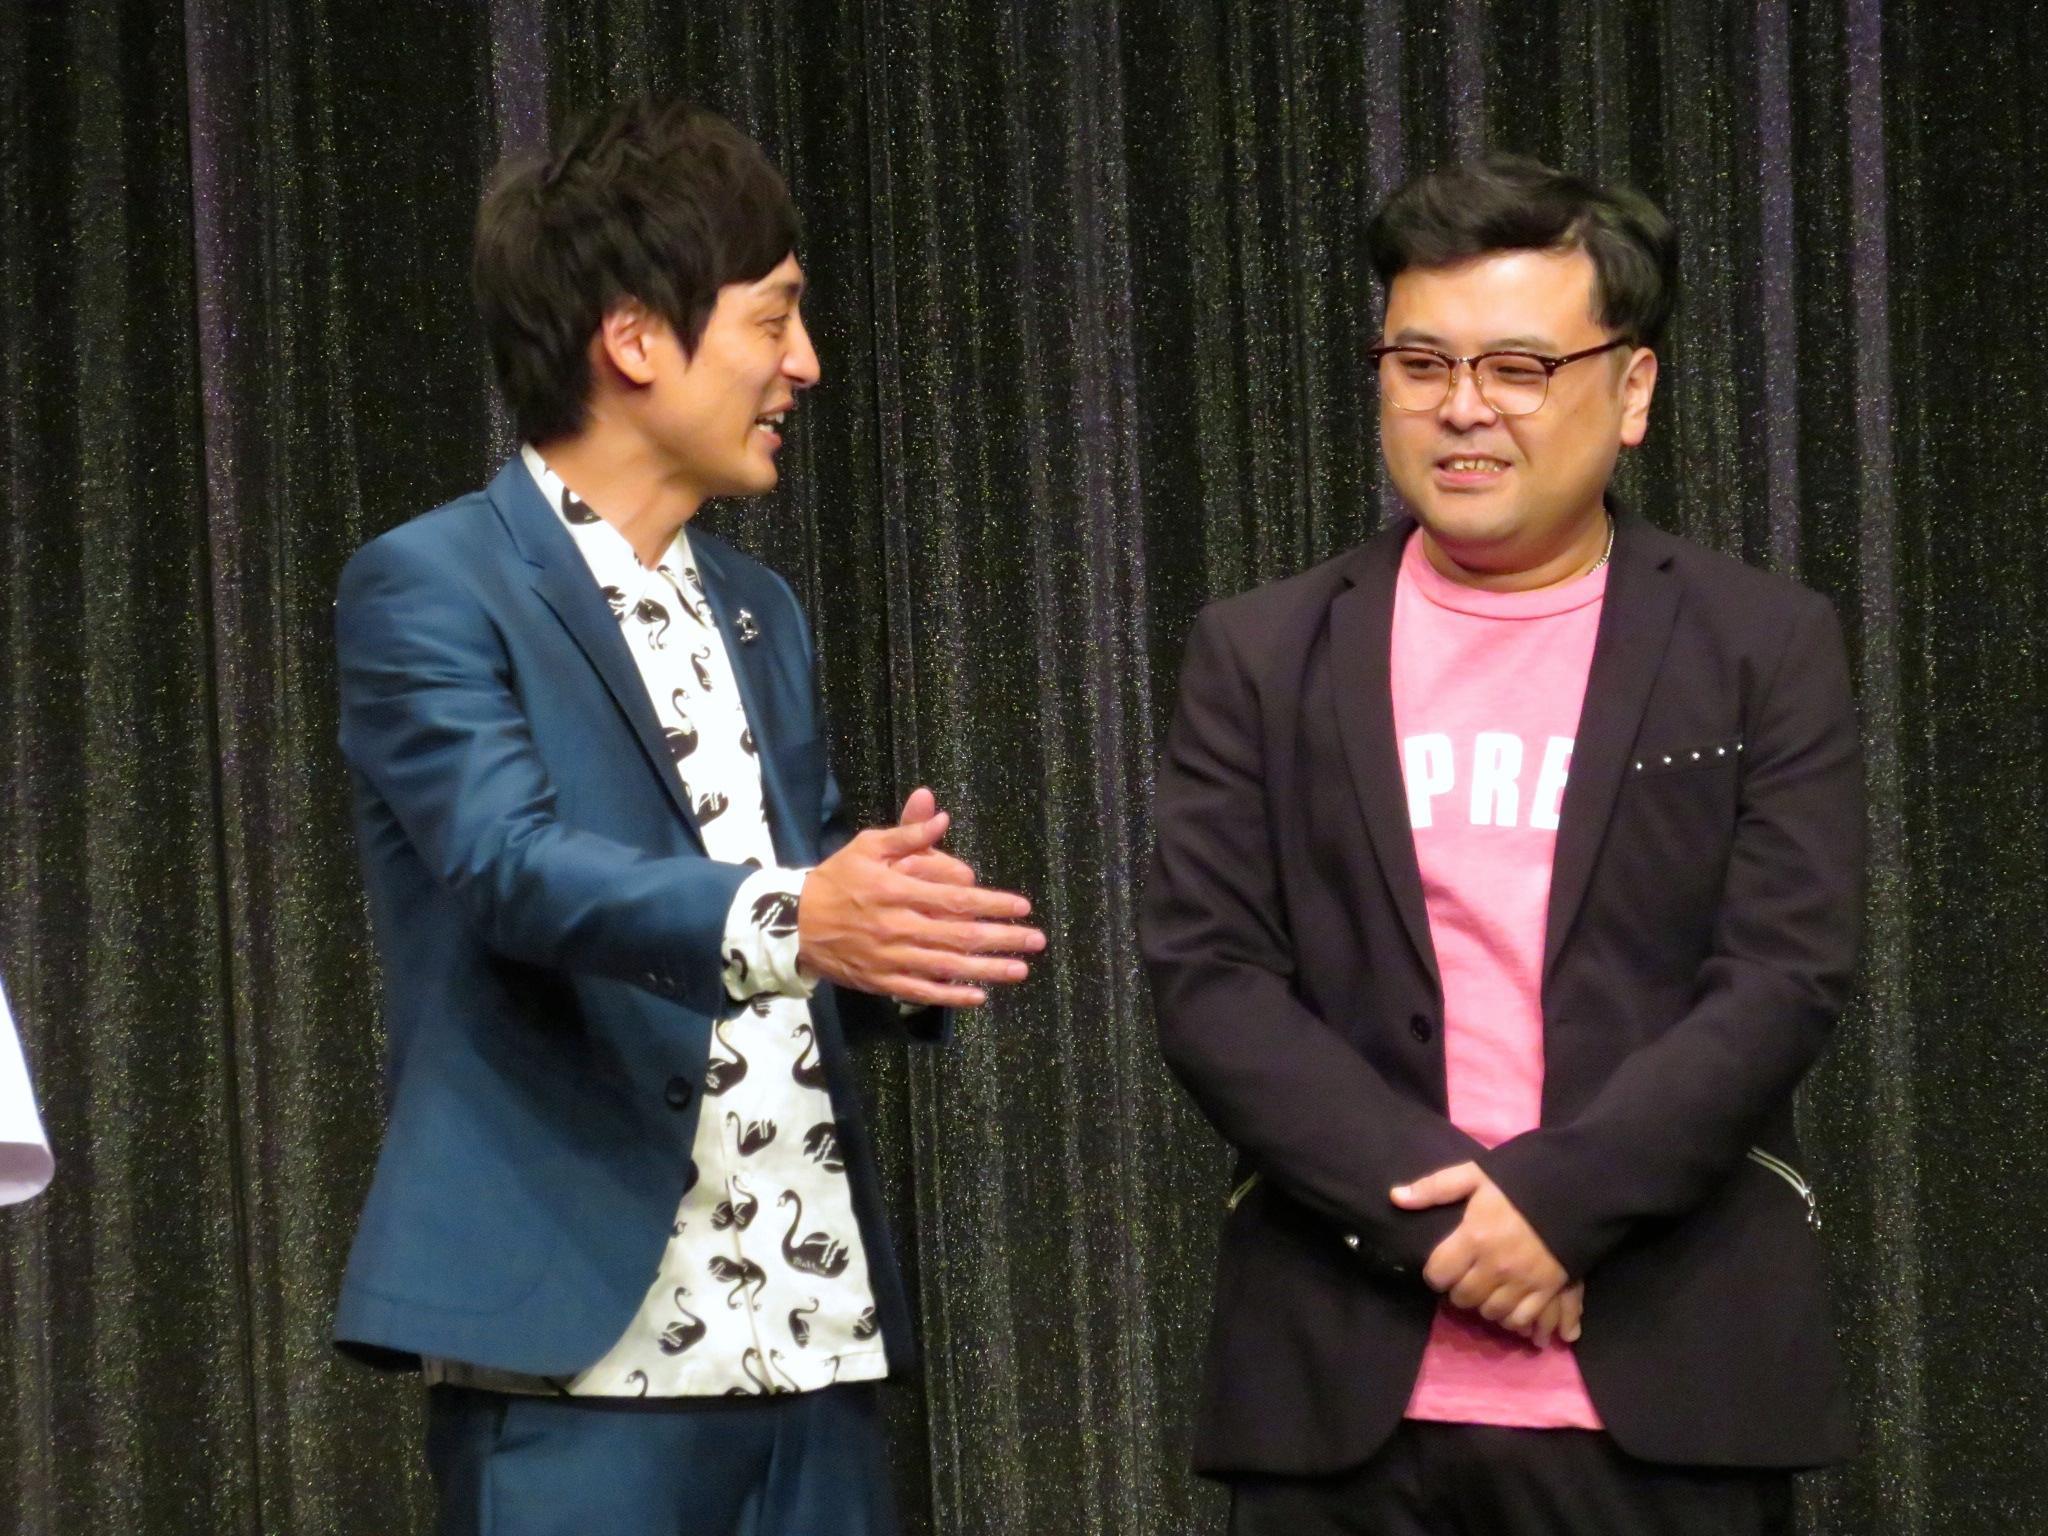 http://news.yoshimoto.co.jp/20180202195359-4e4622fe24742d0c835ba234ecec7d52b653f3d3.jpg